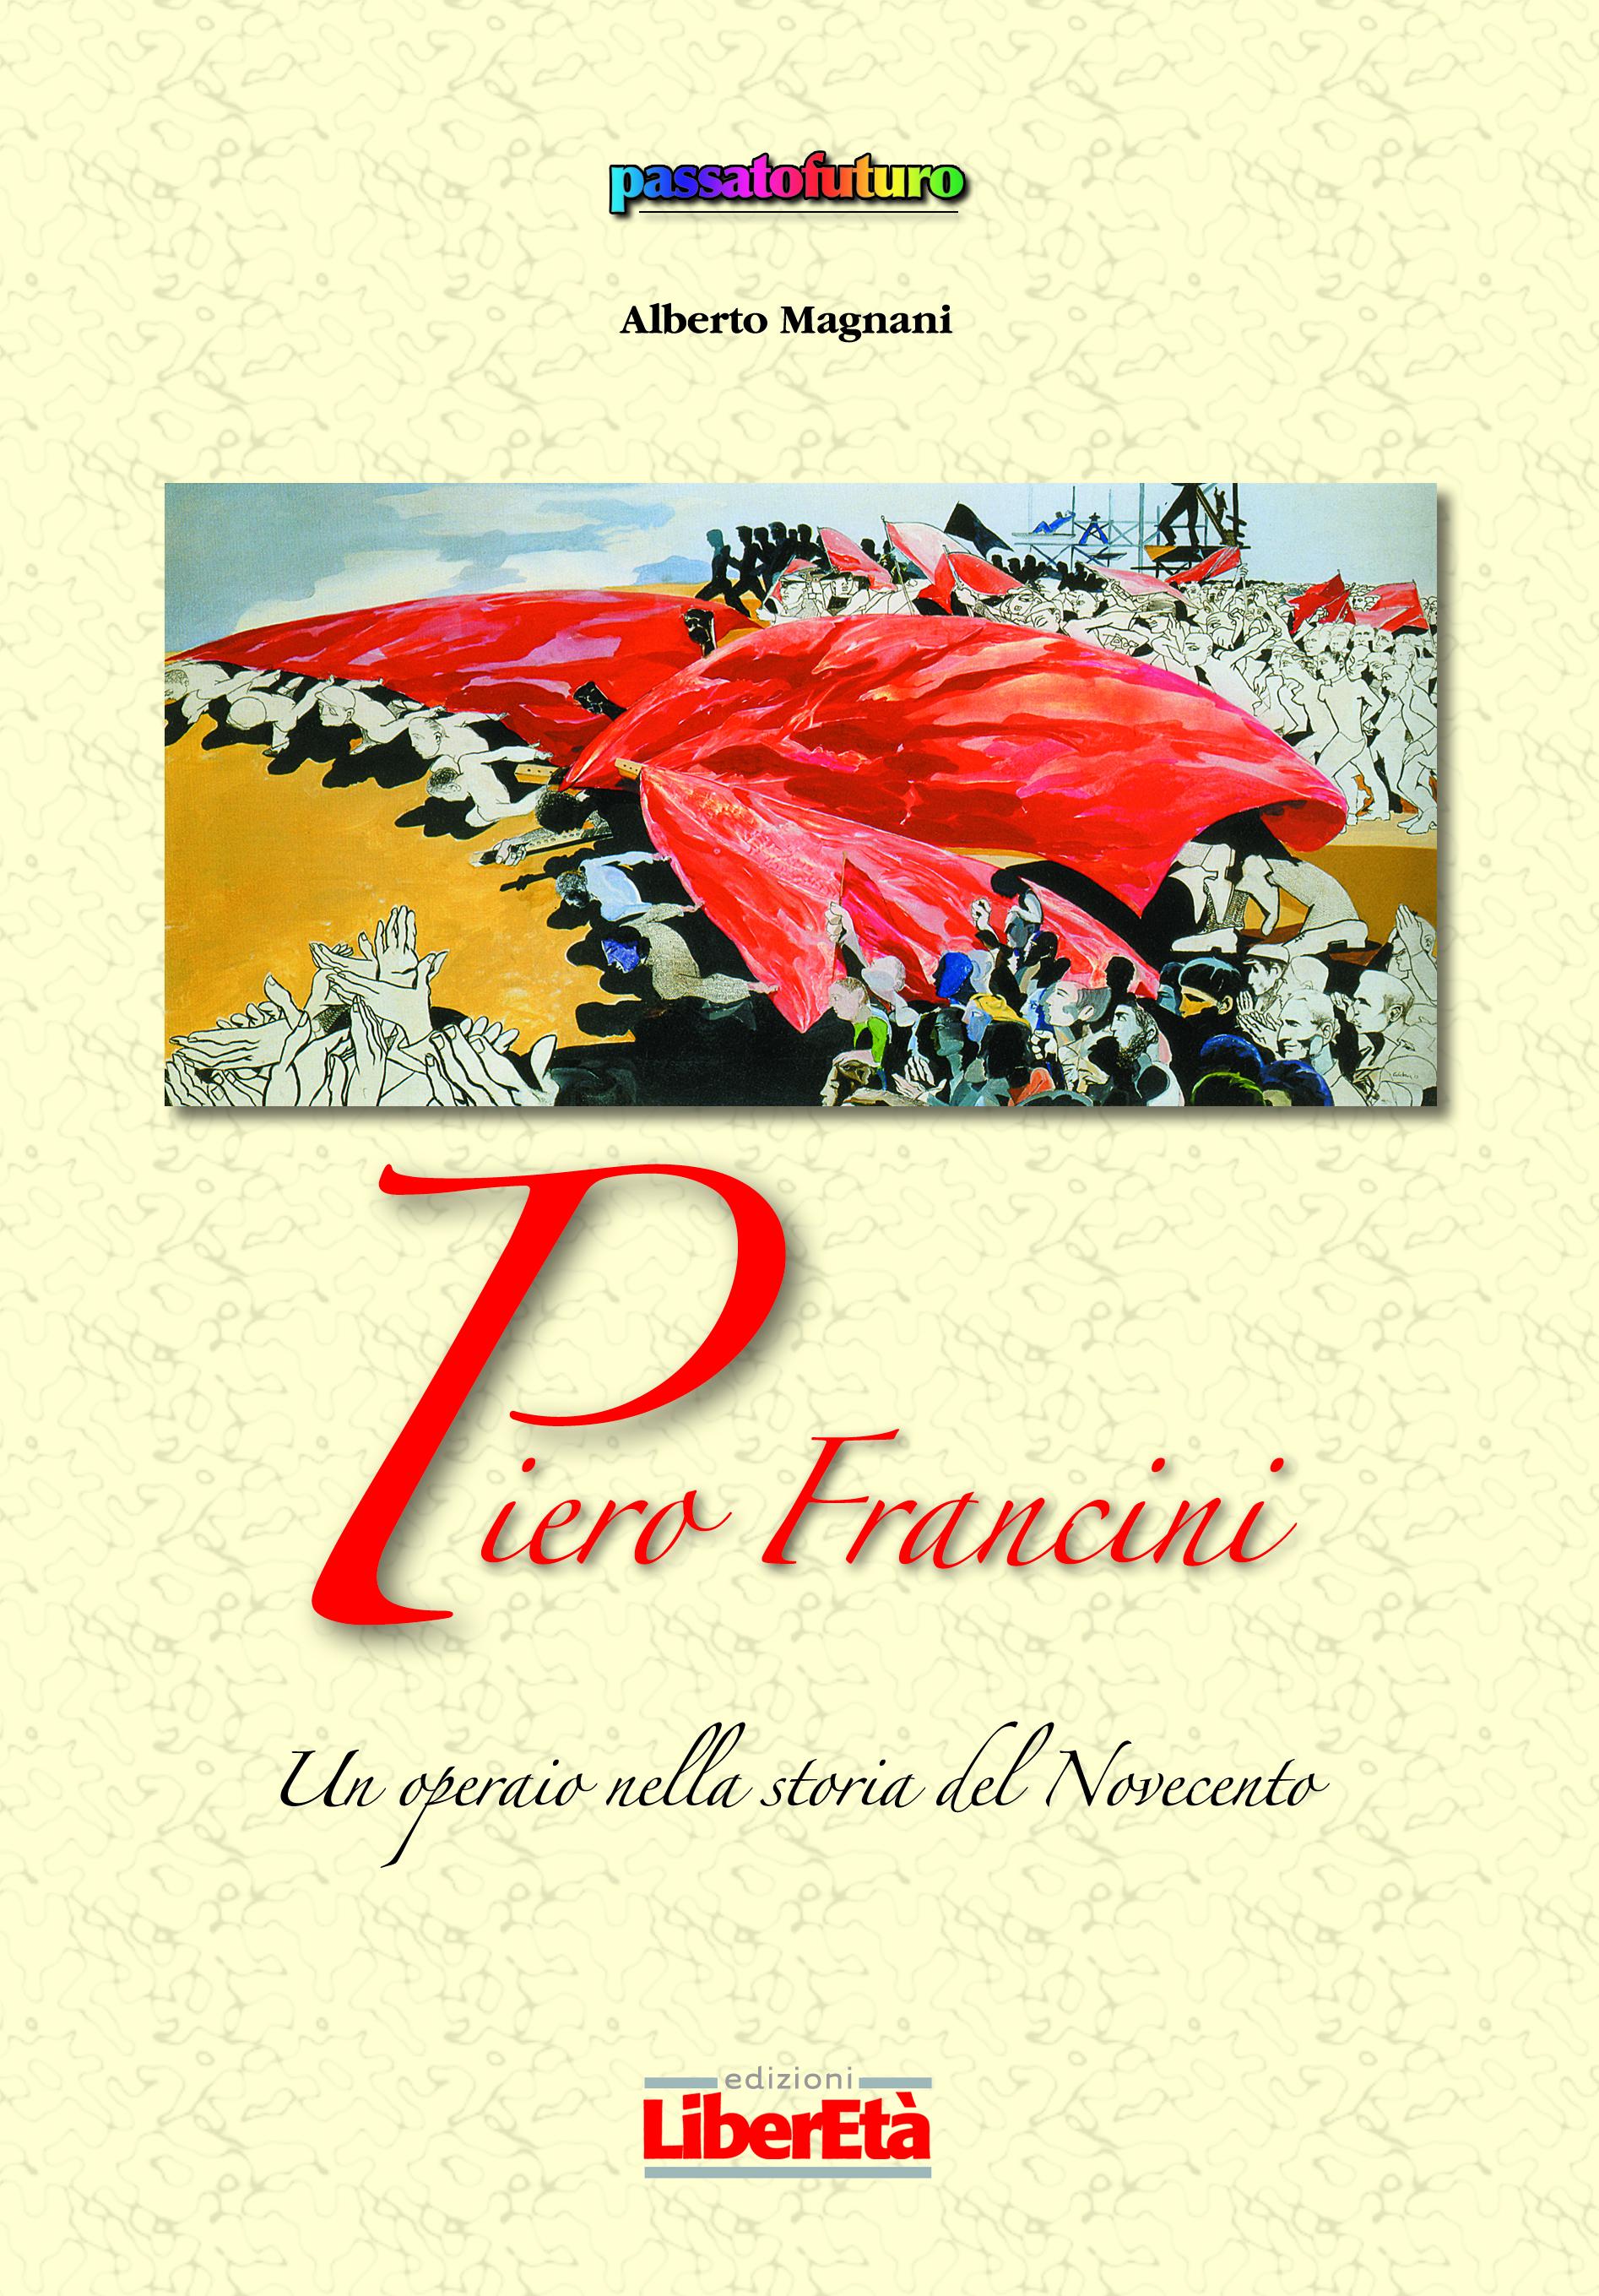 Piero Francini